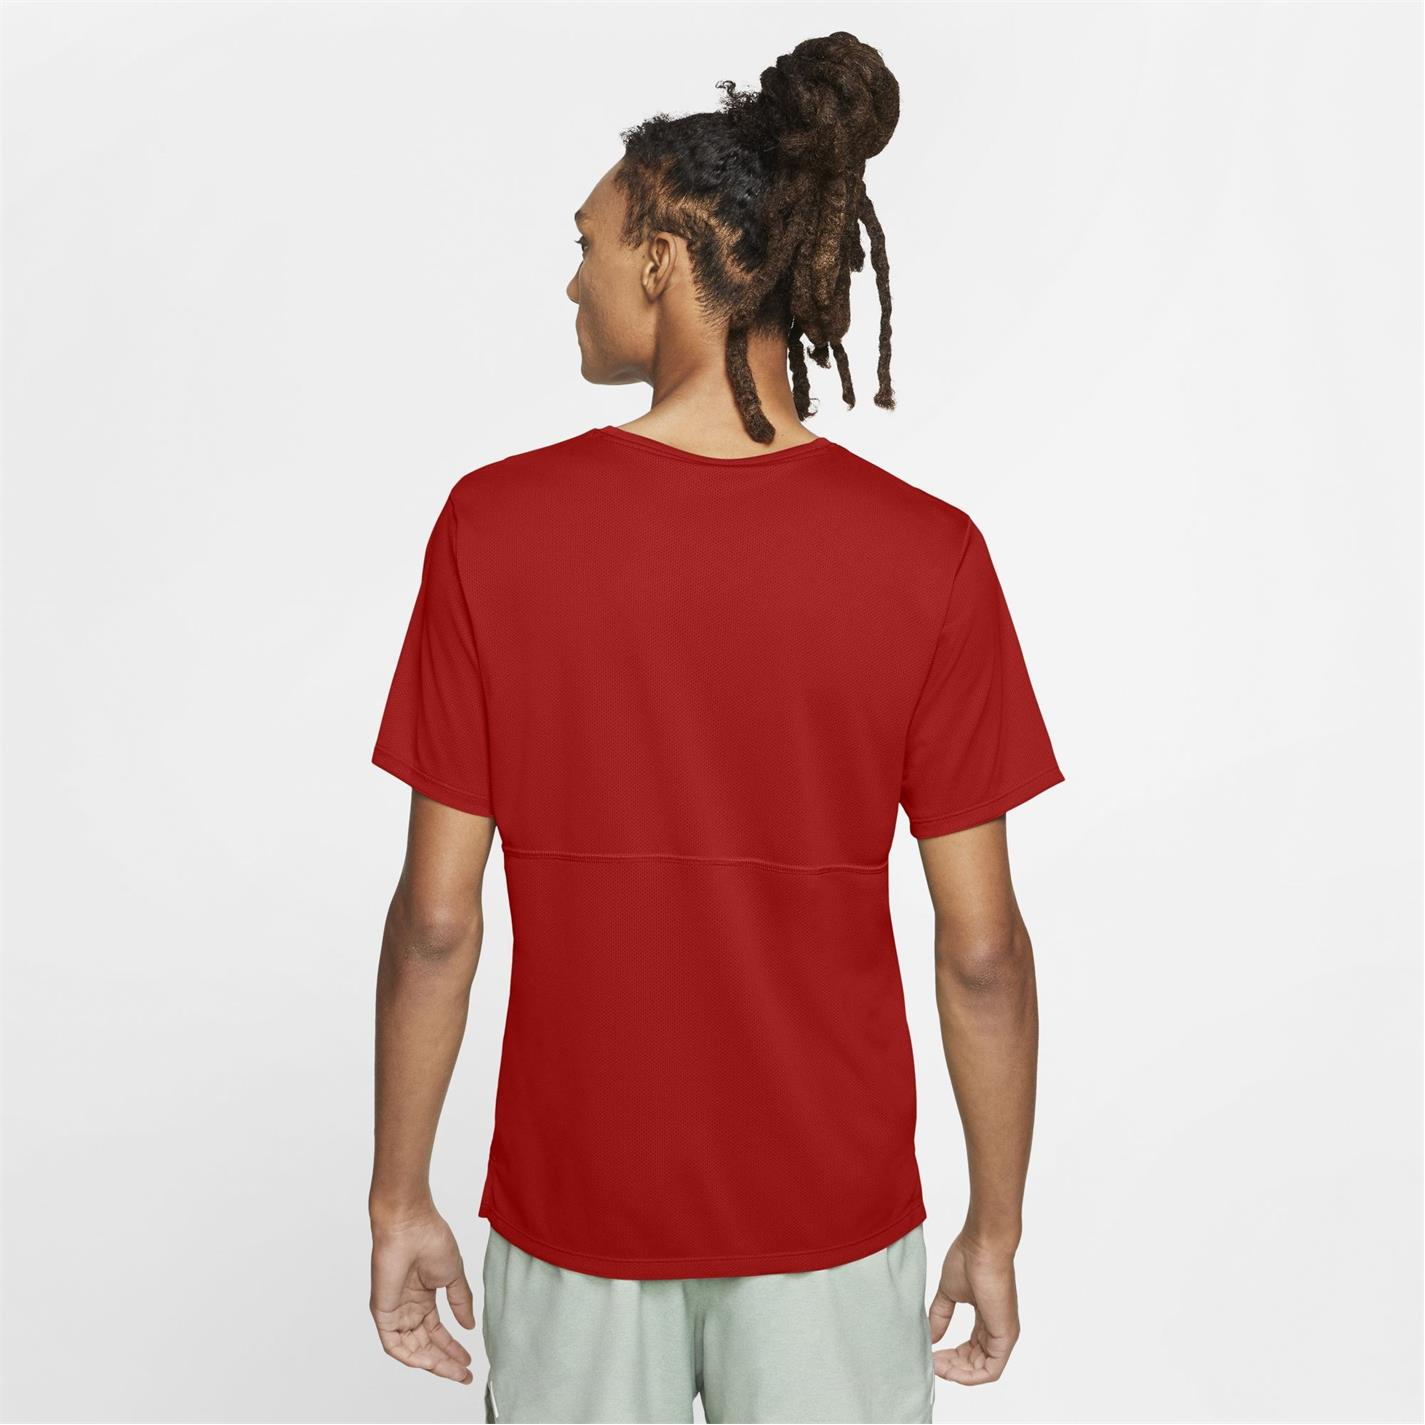 Tricou Nike Run Breathe pentru Barbati university rosu